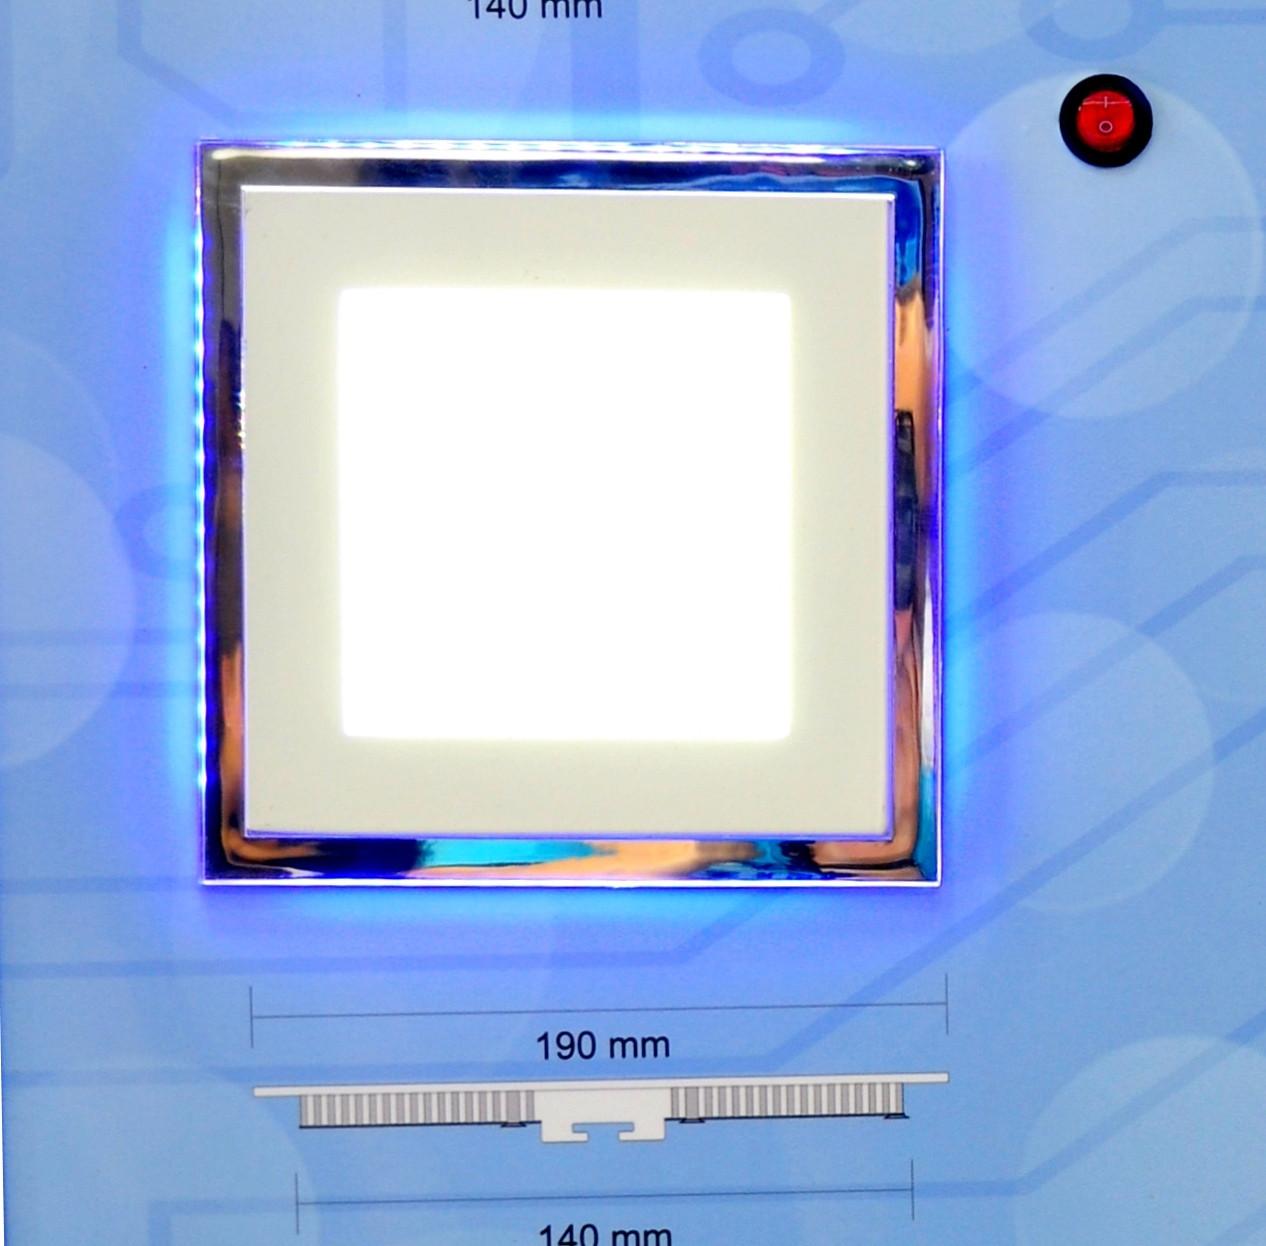 светильник встраиваемый светодиодный фото 2